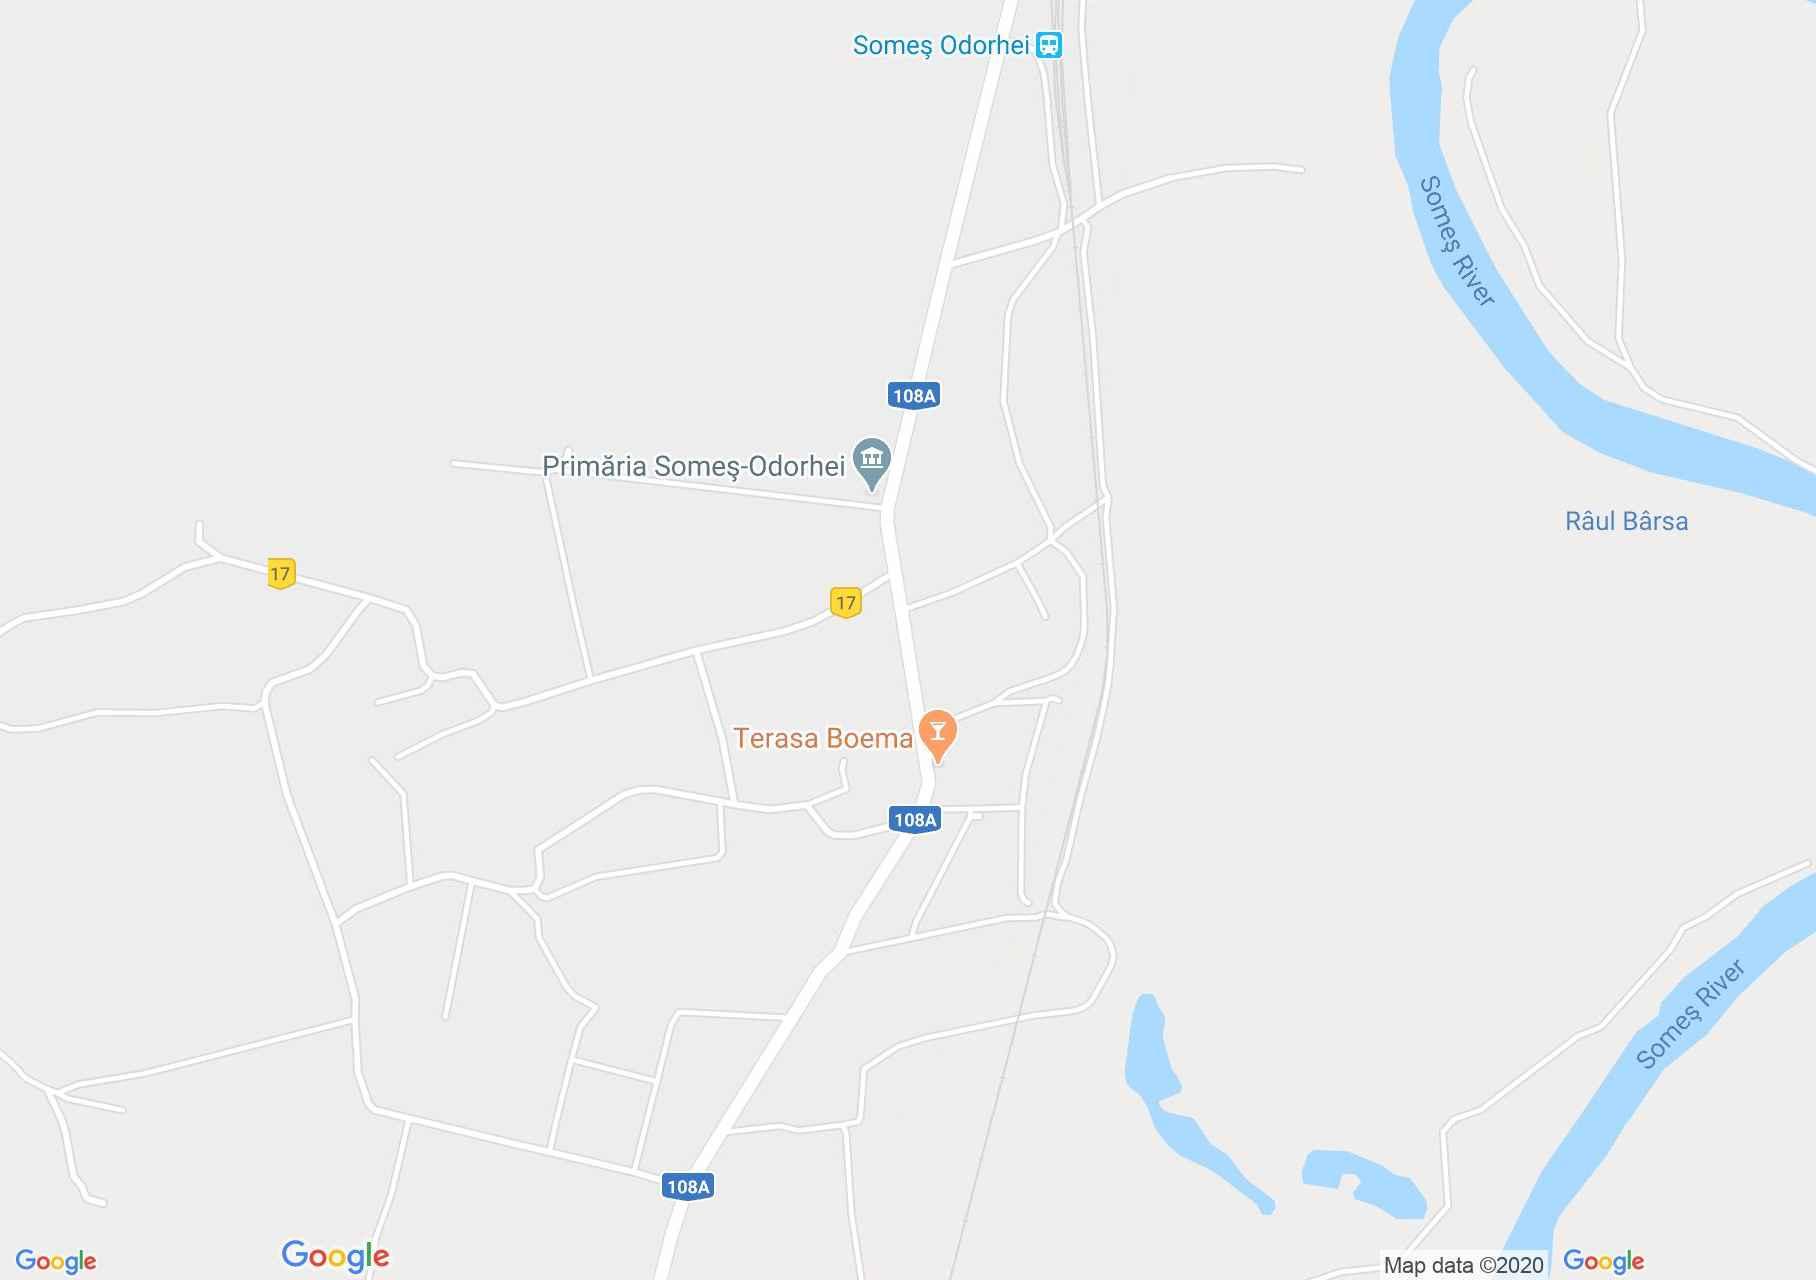 Someş Odorhei, Harta turistică interactivă